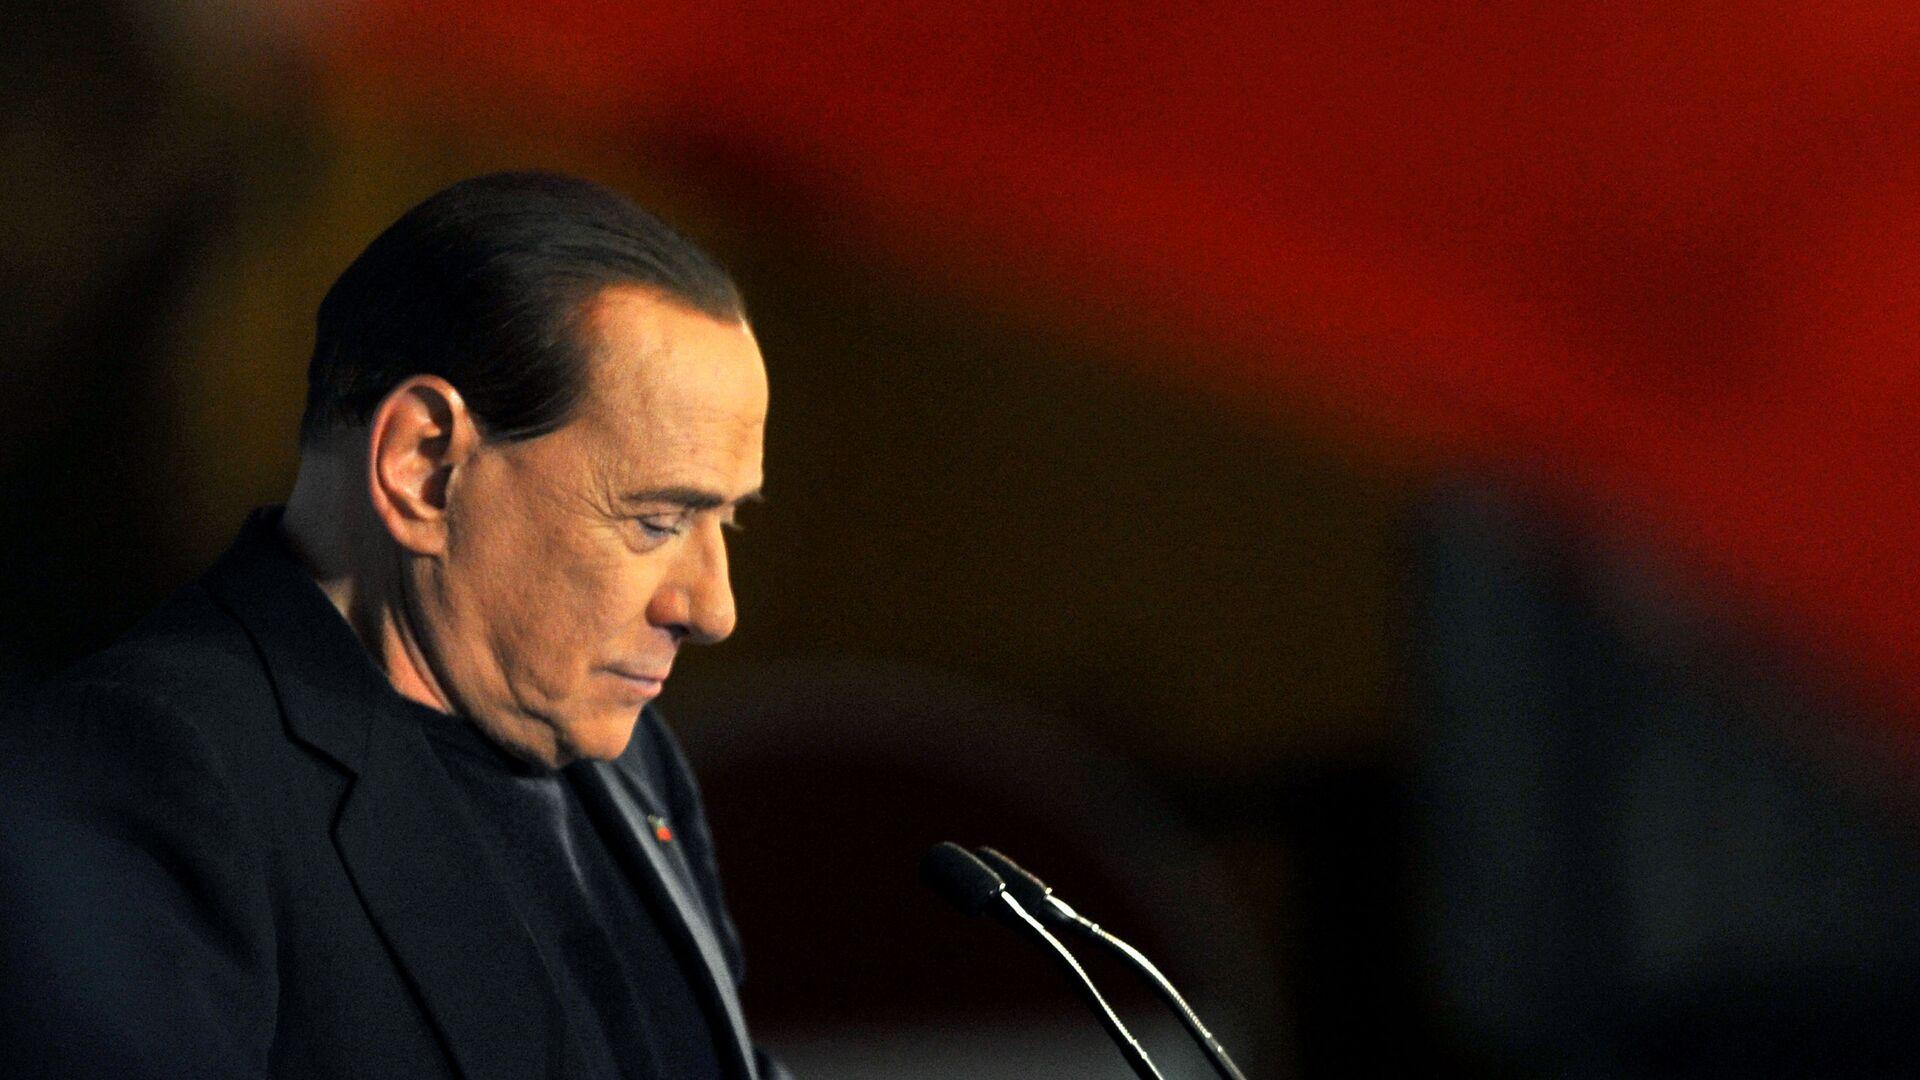 L'ex primo ministro italiano Silvio Berlusconi pronuncia un discorso fuori dalla sua residenza privata a Roma, Palazzo Grazioli, dopo la sua espulsione dal Senato, 27 novembre 2013 - Sputnik Italia, 1920, 26.05.2021